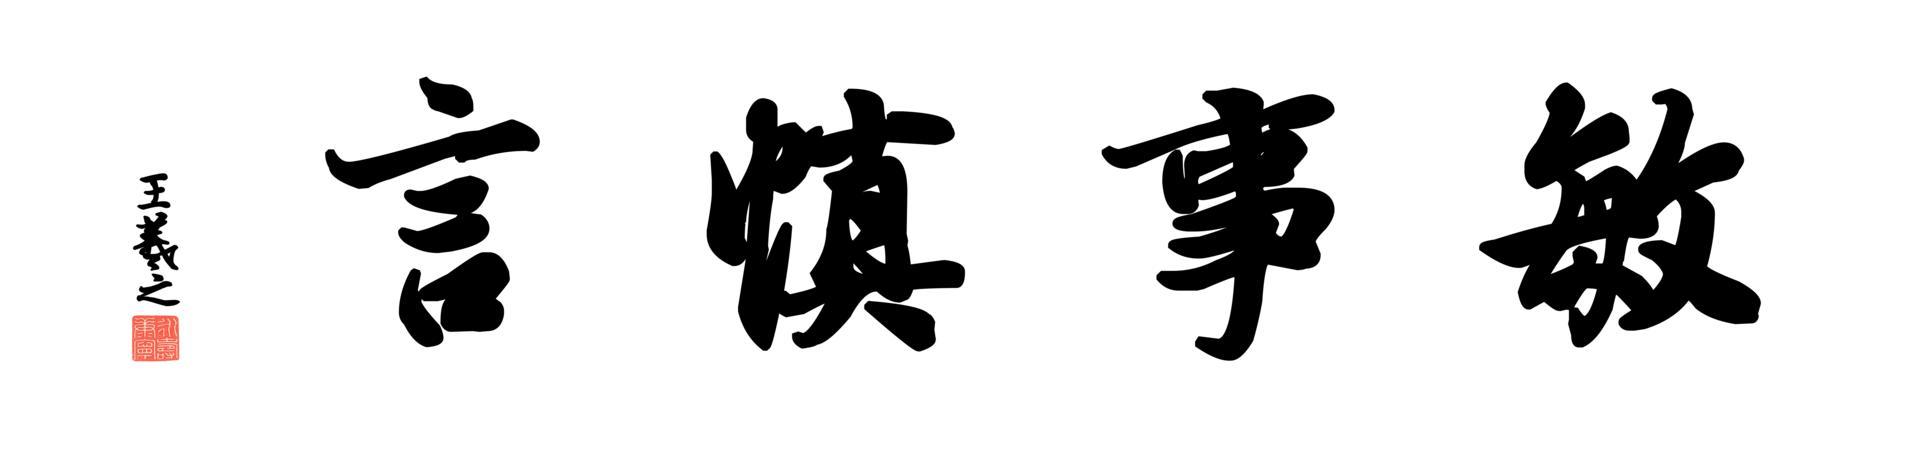 0115_王羲之兰亭体数字书法-四字横幅敏事慎言136x33cm_21417x5197PX_TIF_400DPI_326_0